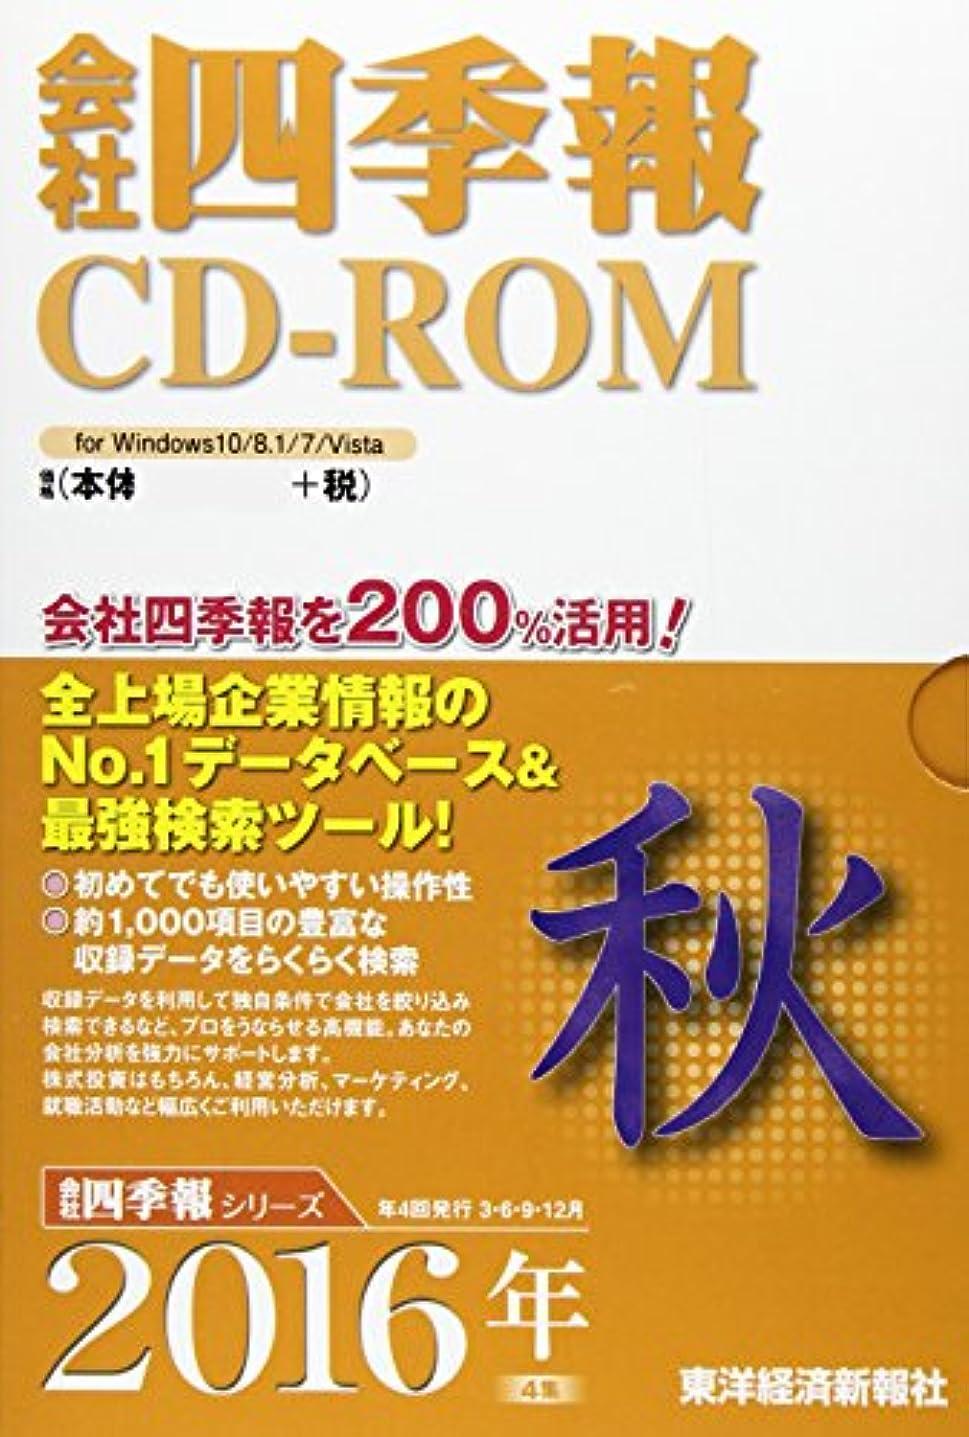 挨拶するゴールドより多い会社四季報CD-ROM2016年4集秋号